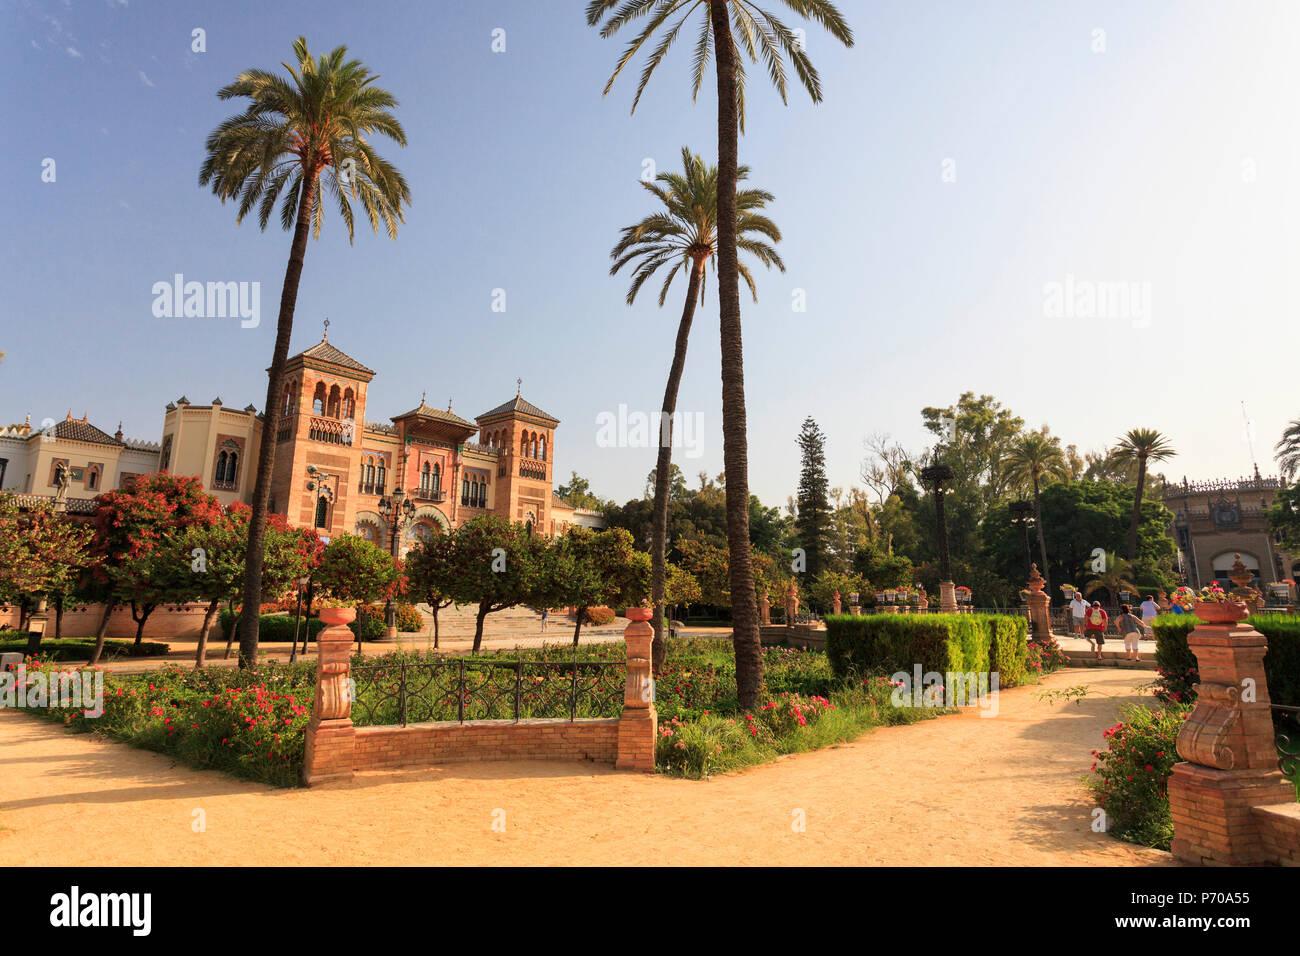 España, Andalucía, Sevilla, Parque de Maria Luisa, el pabellón mudéjar, Museo de Artes y Costumbres Populares Imagen De Stock